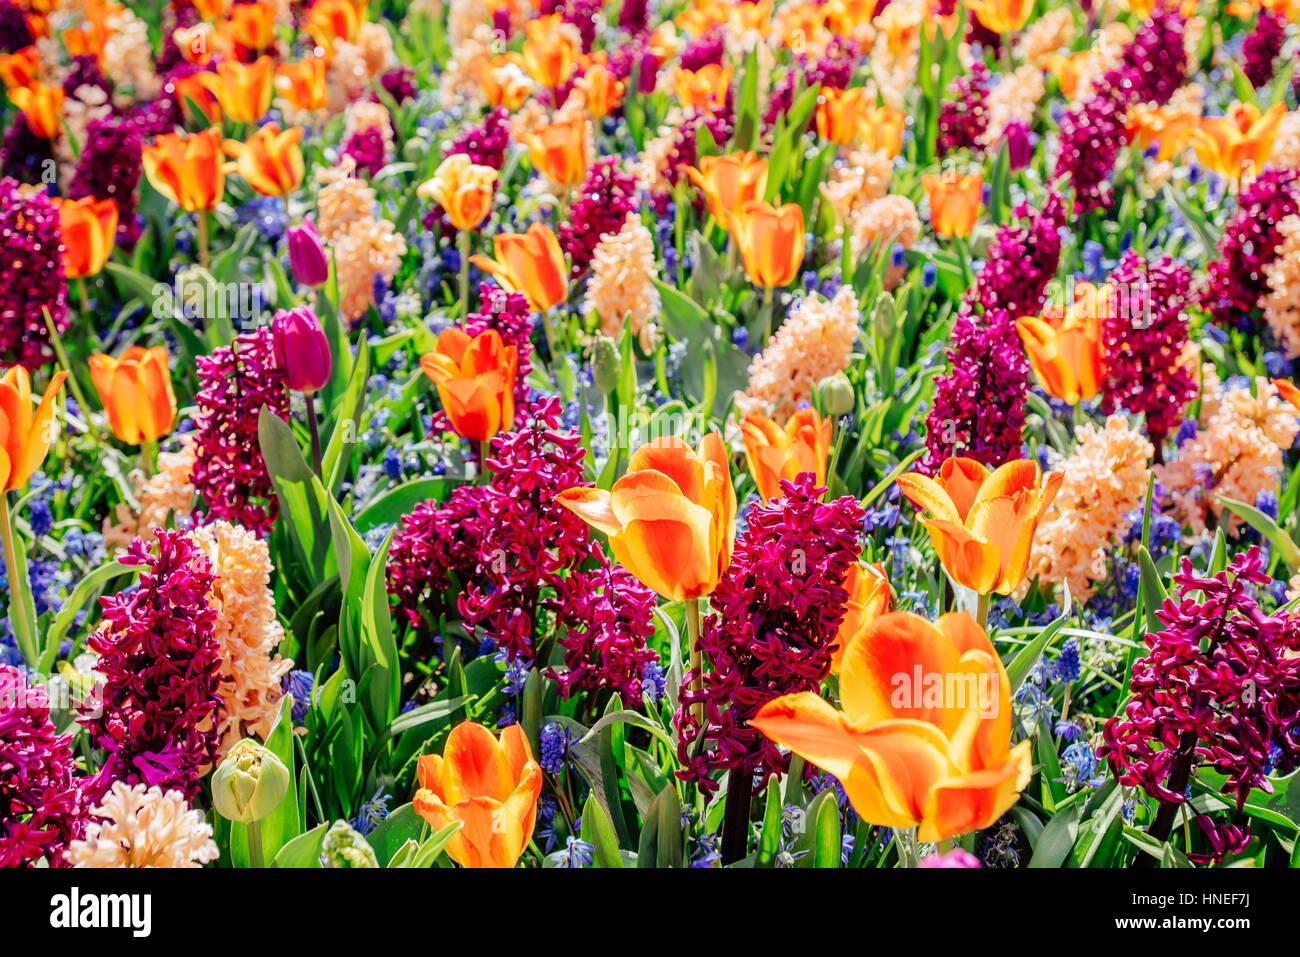 Bereich der wilden Blumen. Stockbild